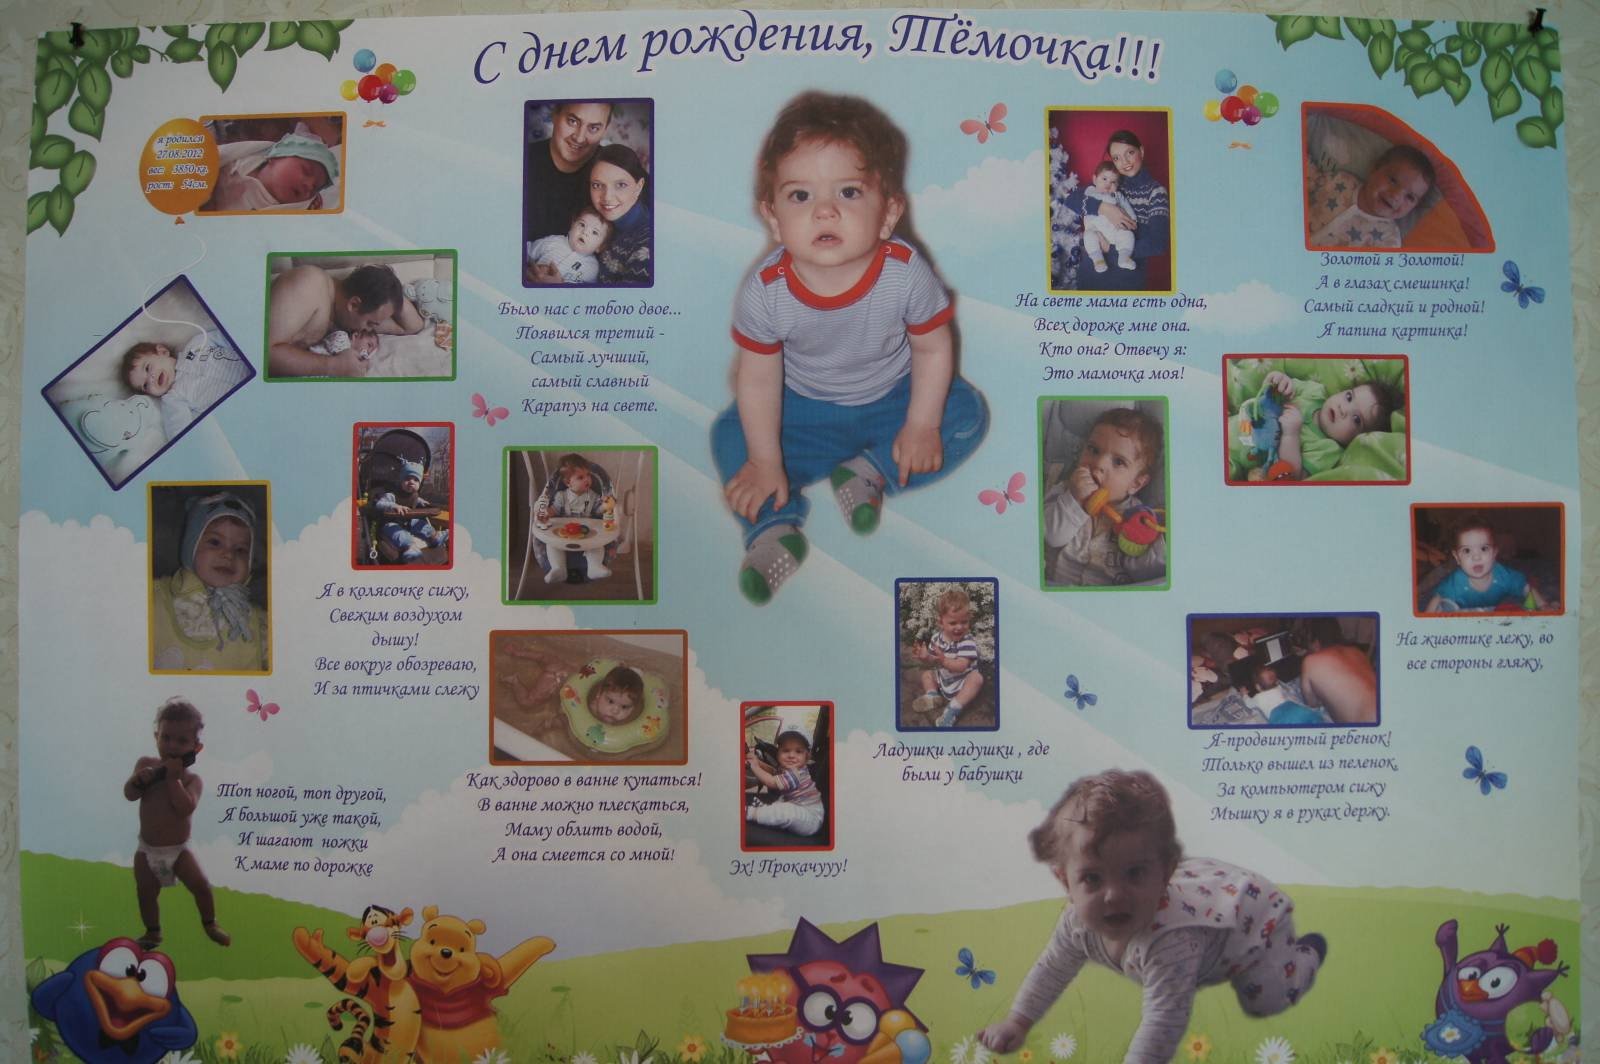 Подписи к фото детей с 2-5 лет короткие